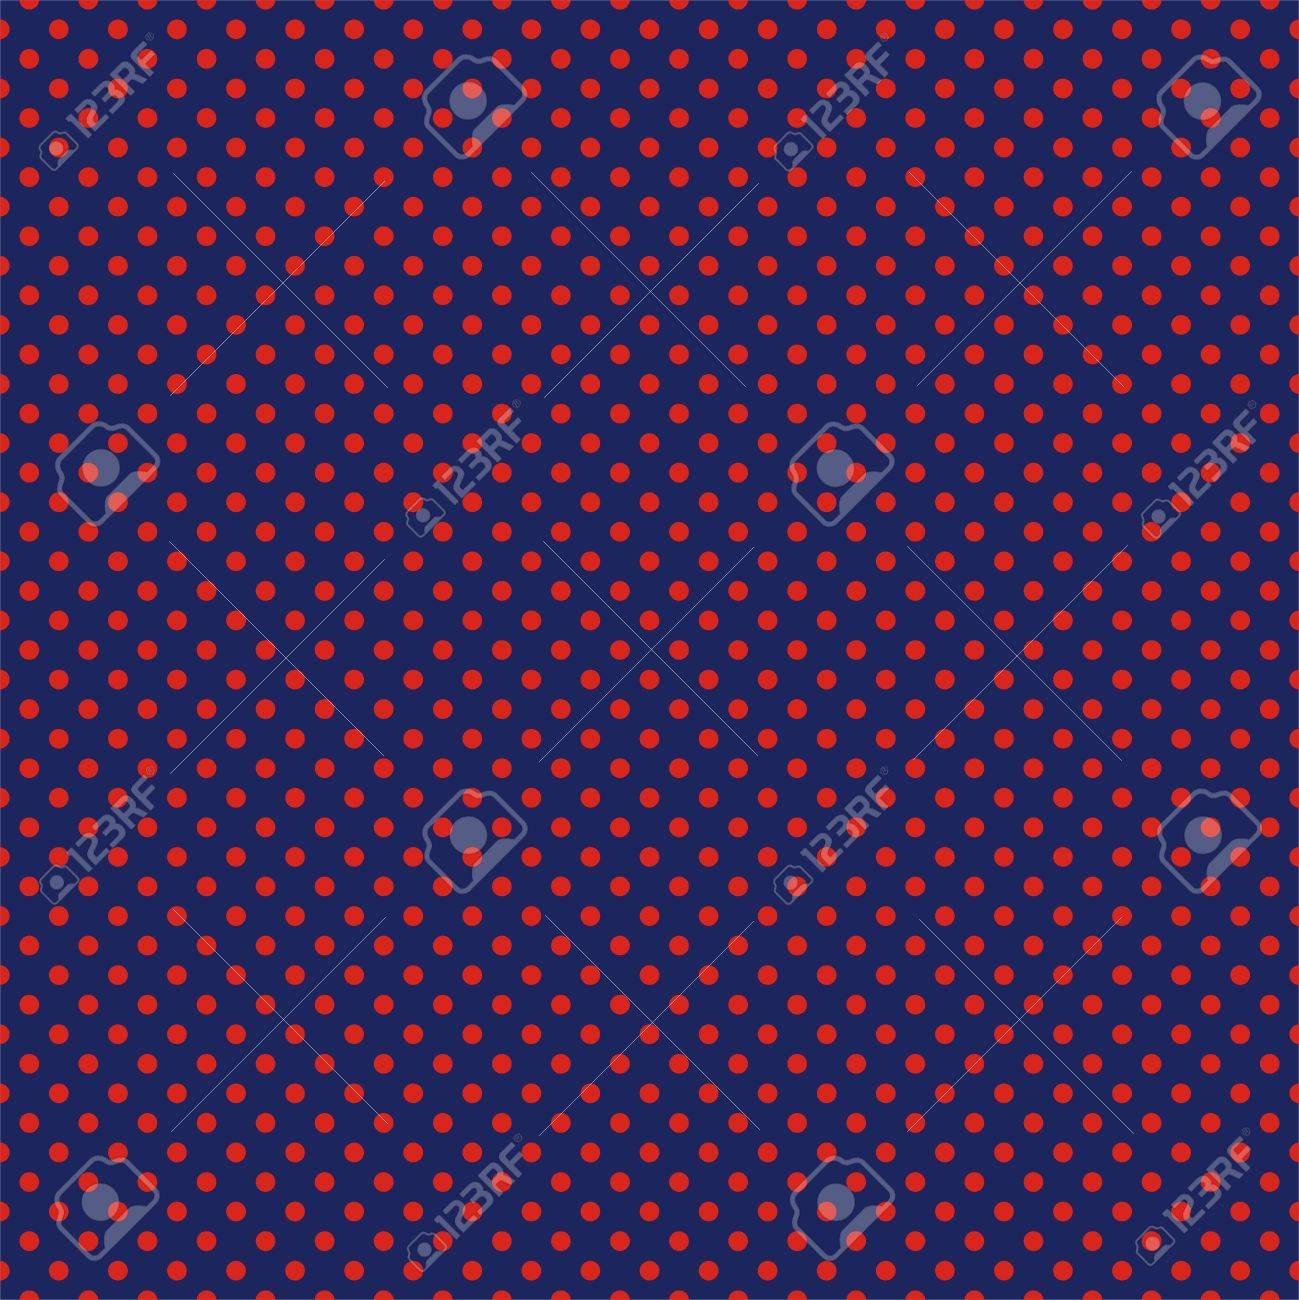 美少女戦士セーラームーン ネイビー ブルーの背景に赤の水玉とシームレスなパターン ベクトル カード 招待状 結婚式やベビー シャワーのアルバム 背景 芸術およびスクラップ ブックのためのイラスト素材 ベクタ Image